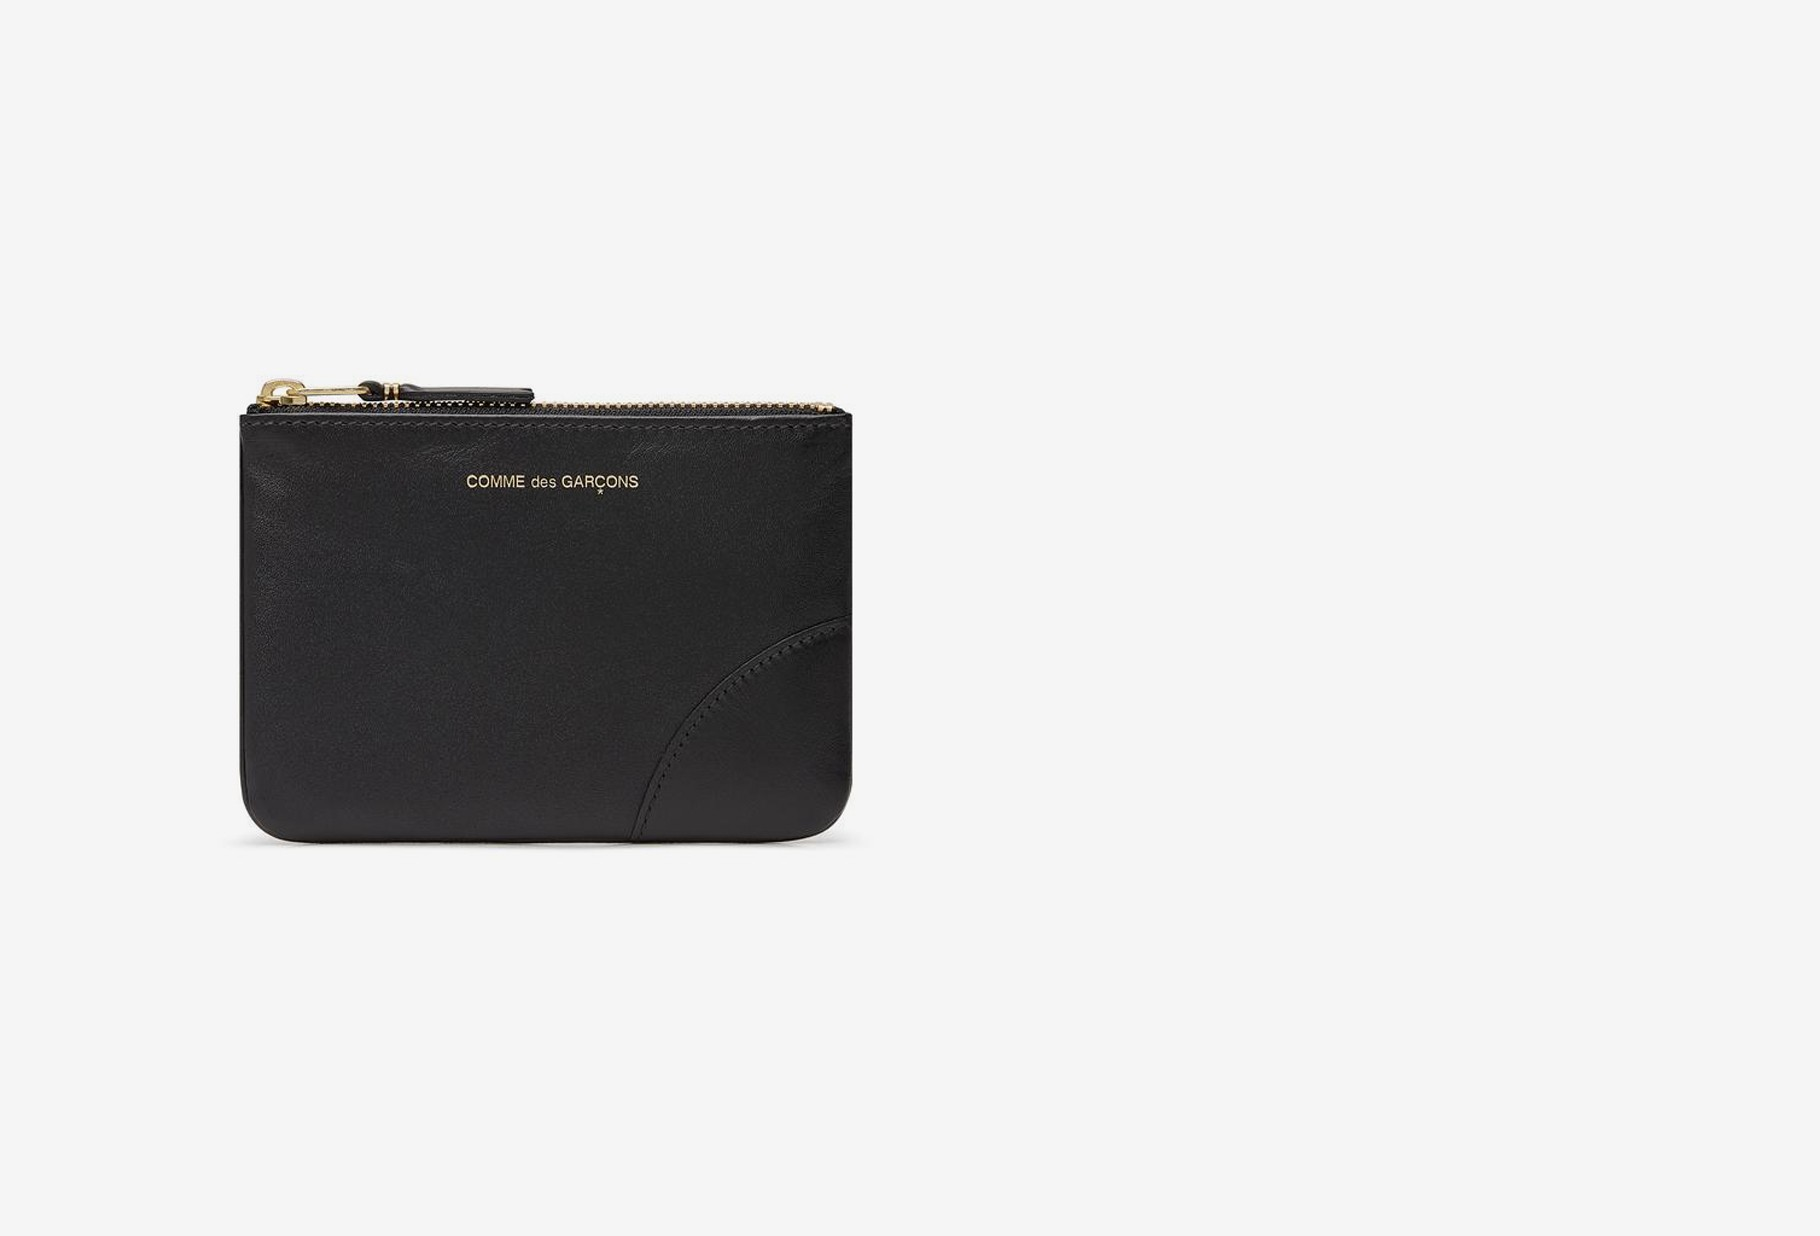 COMME DES GARÇONS WALLETS / Cdg leather wallet classic Sa8100 black